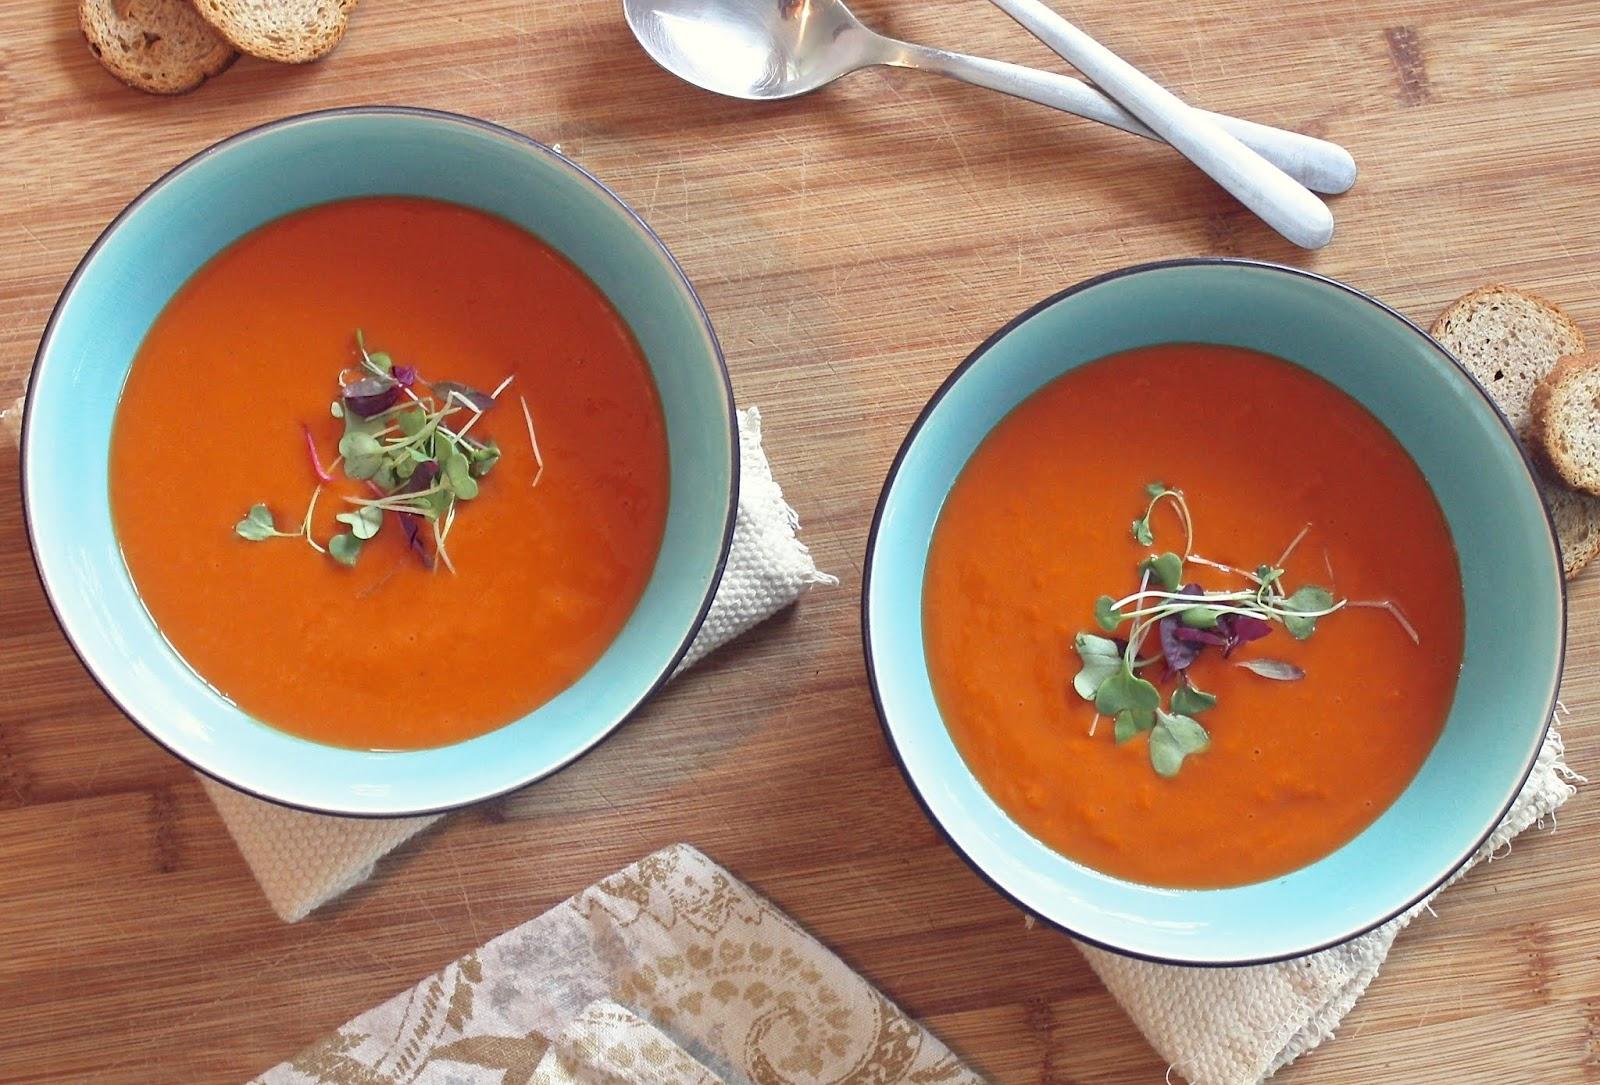 Resep Sup Tomat Mudah Dan Sehat Topkoky